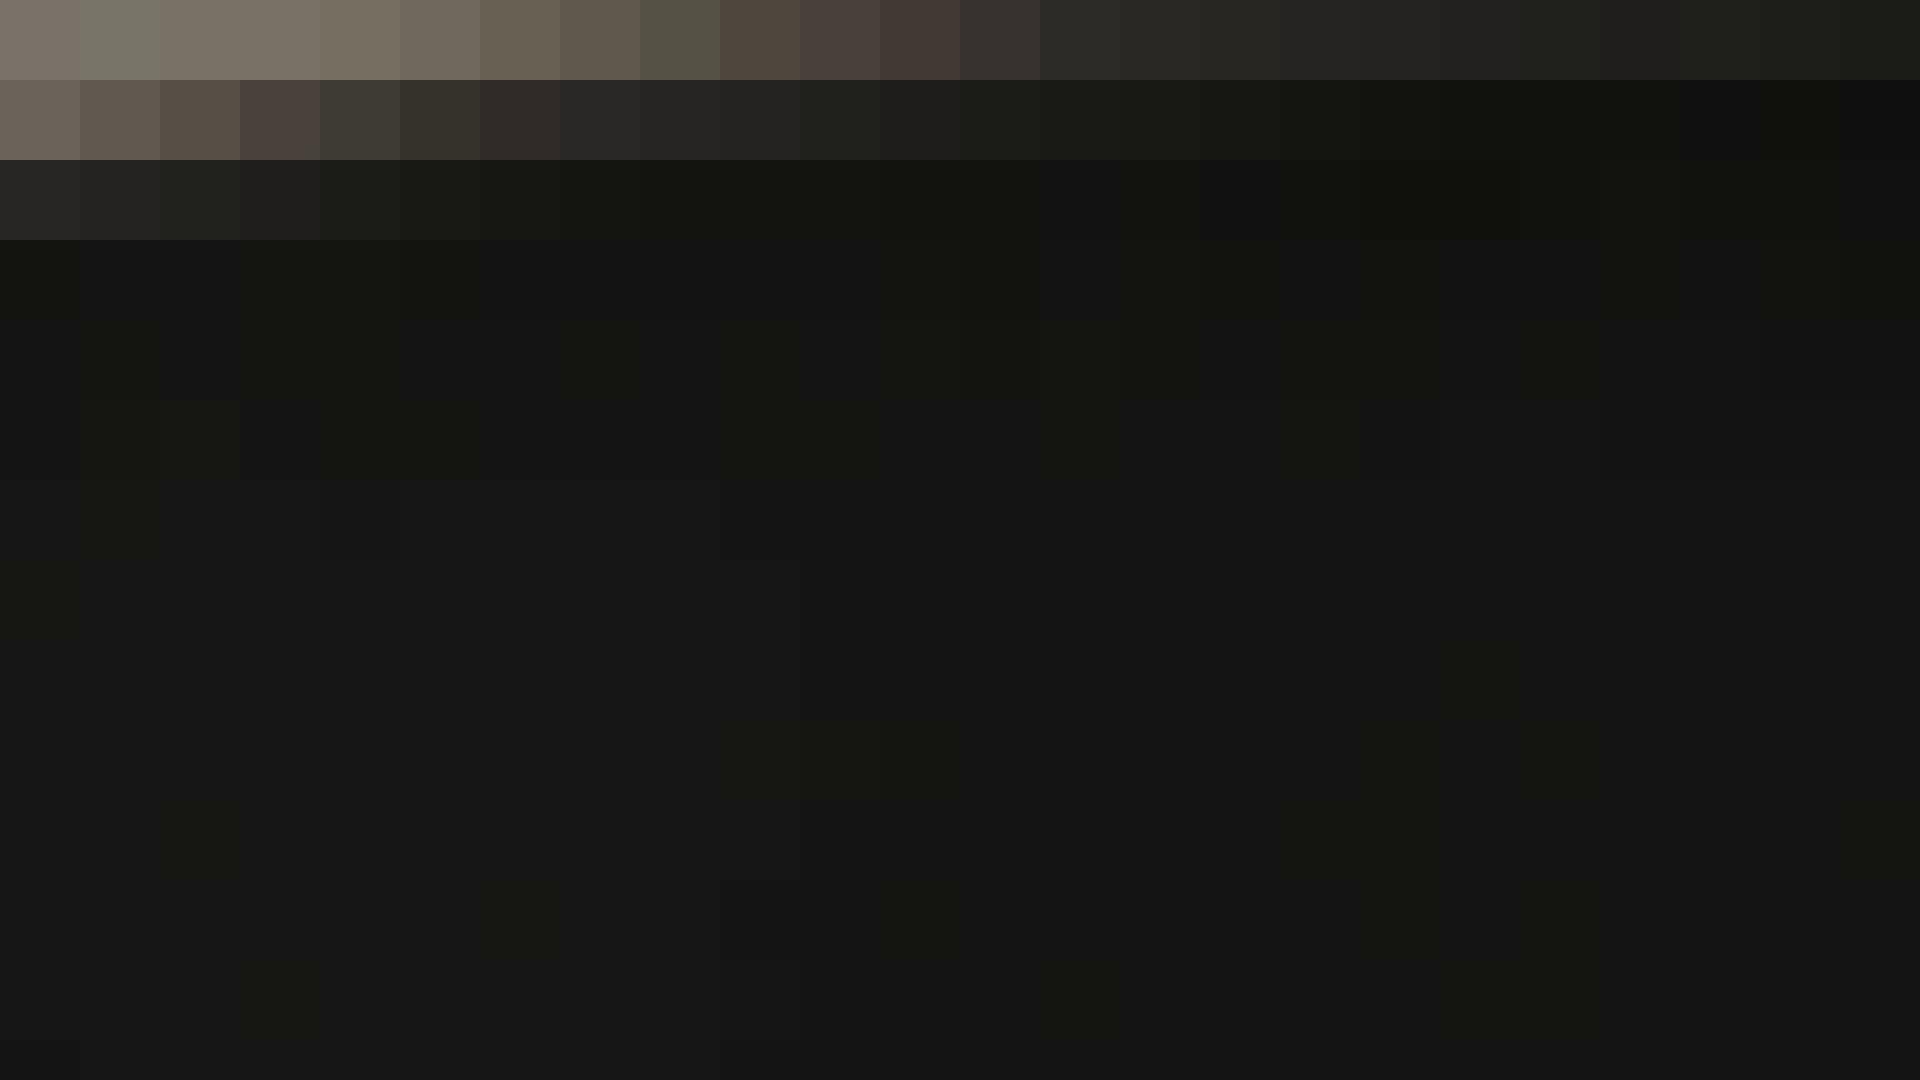 世界の射窓から ステーション編 vol.18 ゴン太 推定600g超過 高画質 われめAV動画紹介 94枚 59